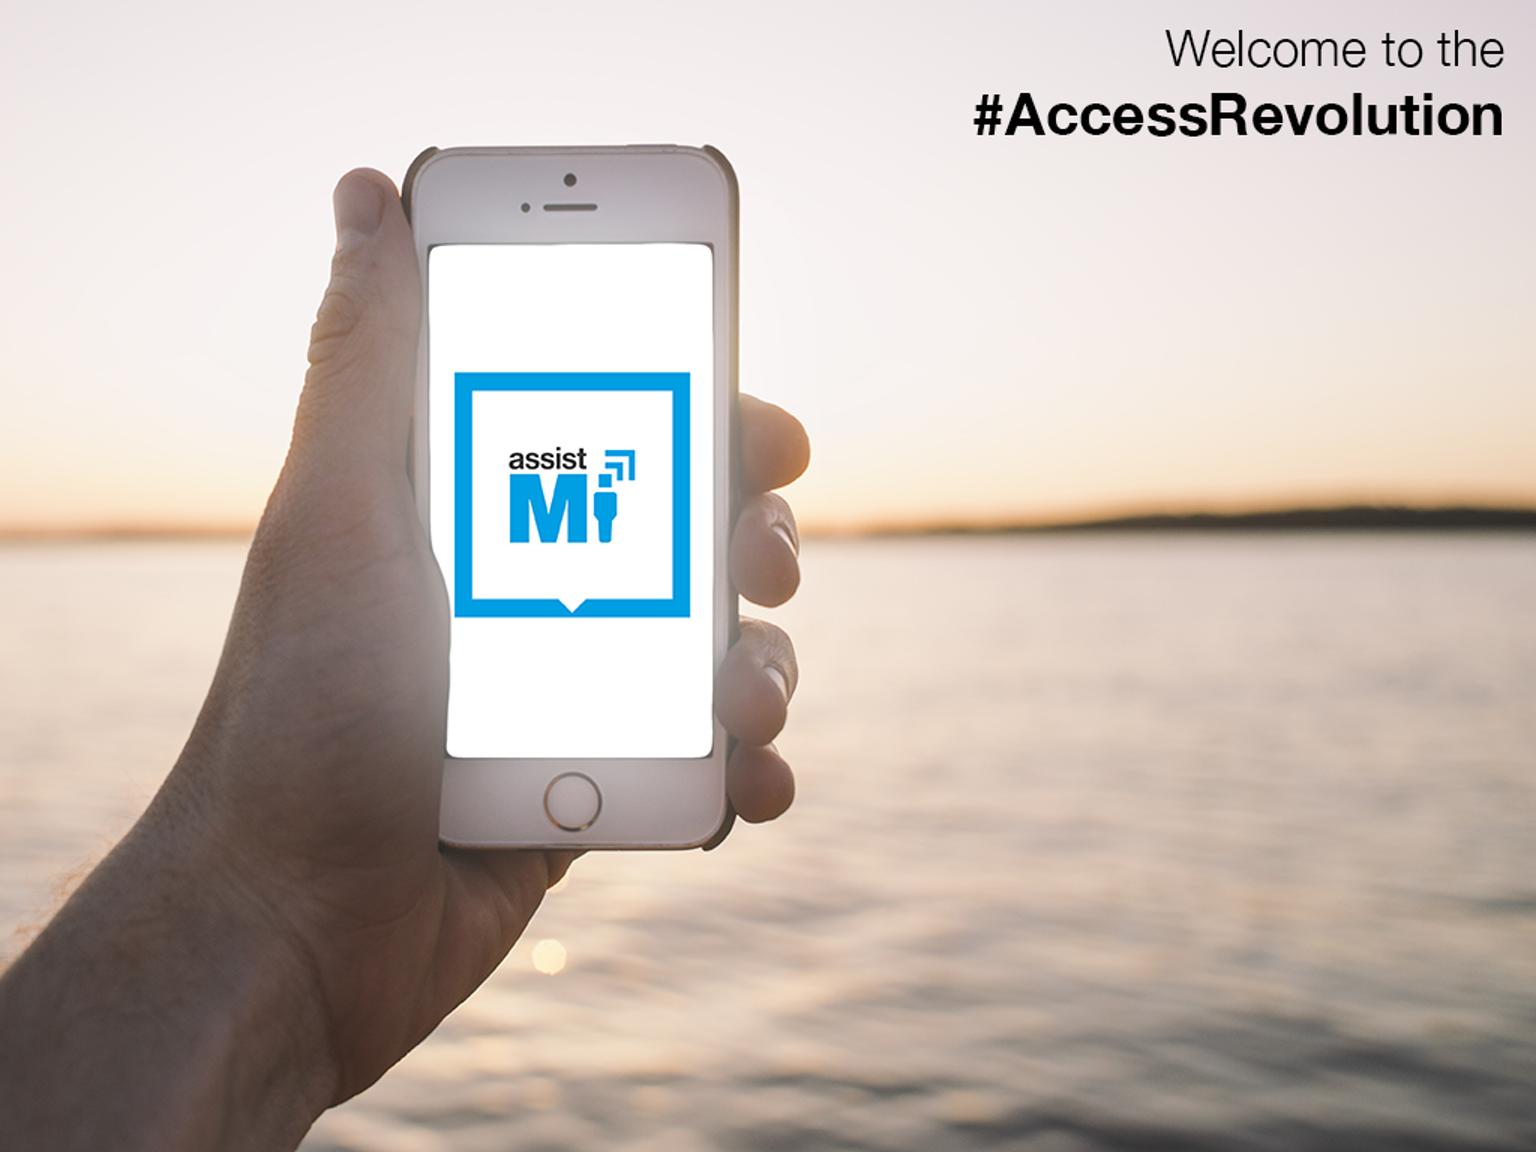 revolutionary app assist-Mi reaches kickstarter funding target